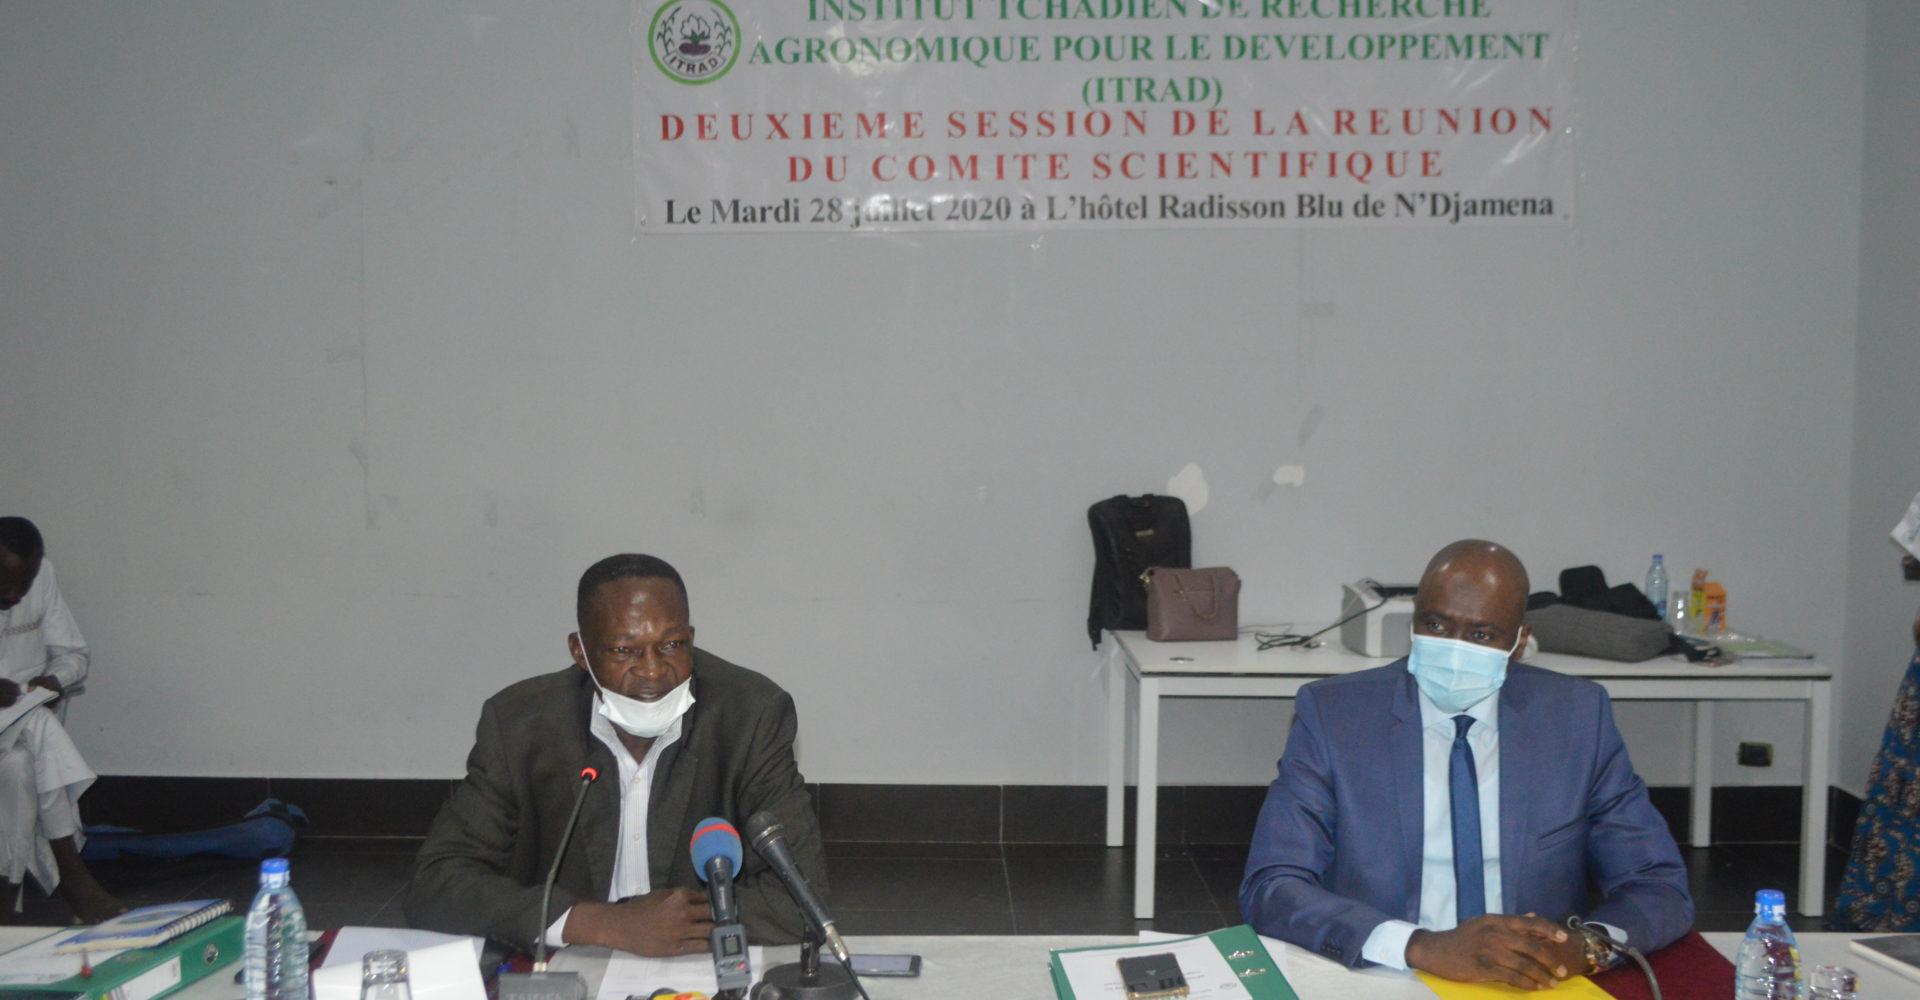 Deuxième session ordinaire du comité scientifique de l'Itrad 1